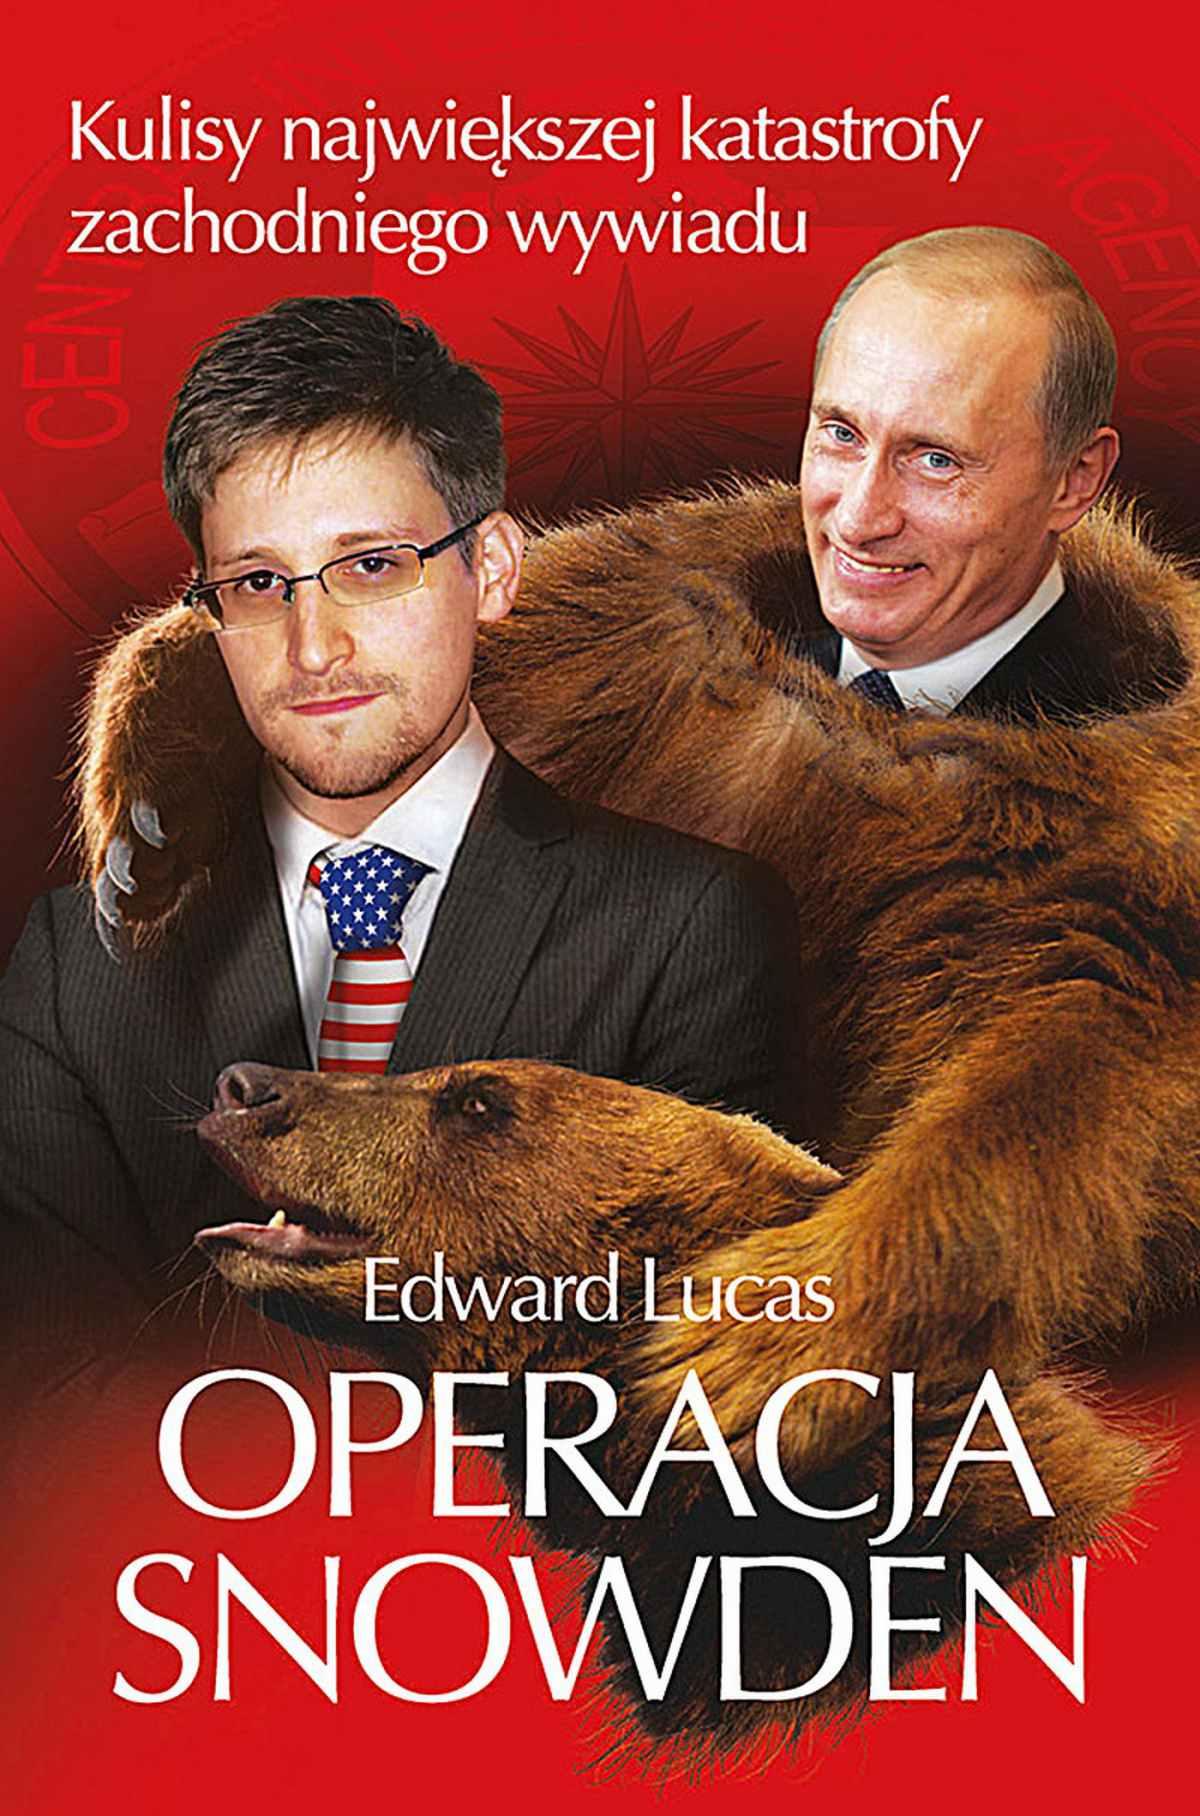 Operacja Snowden - Ebook (Książka EPUB) do pobrania w formacie EPUB